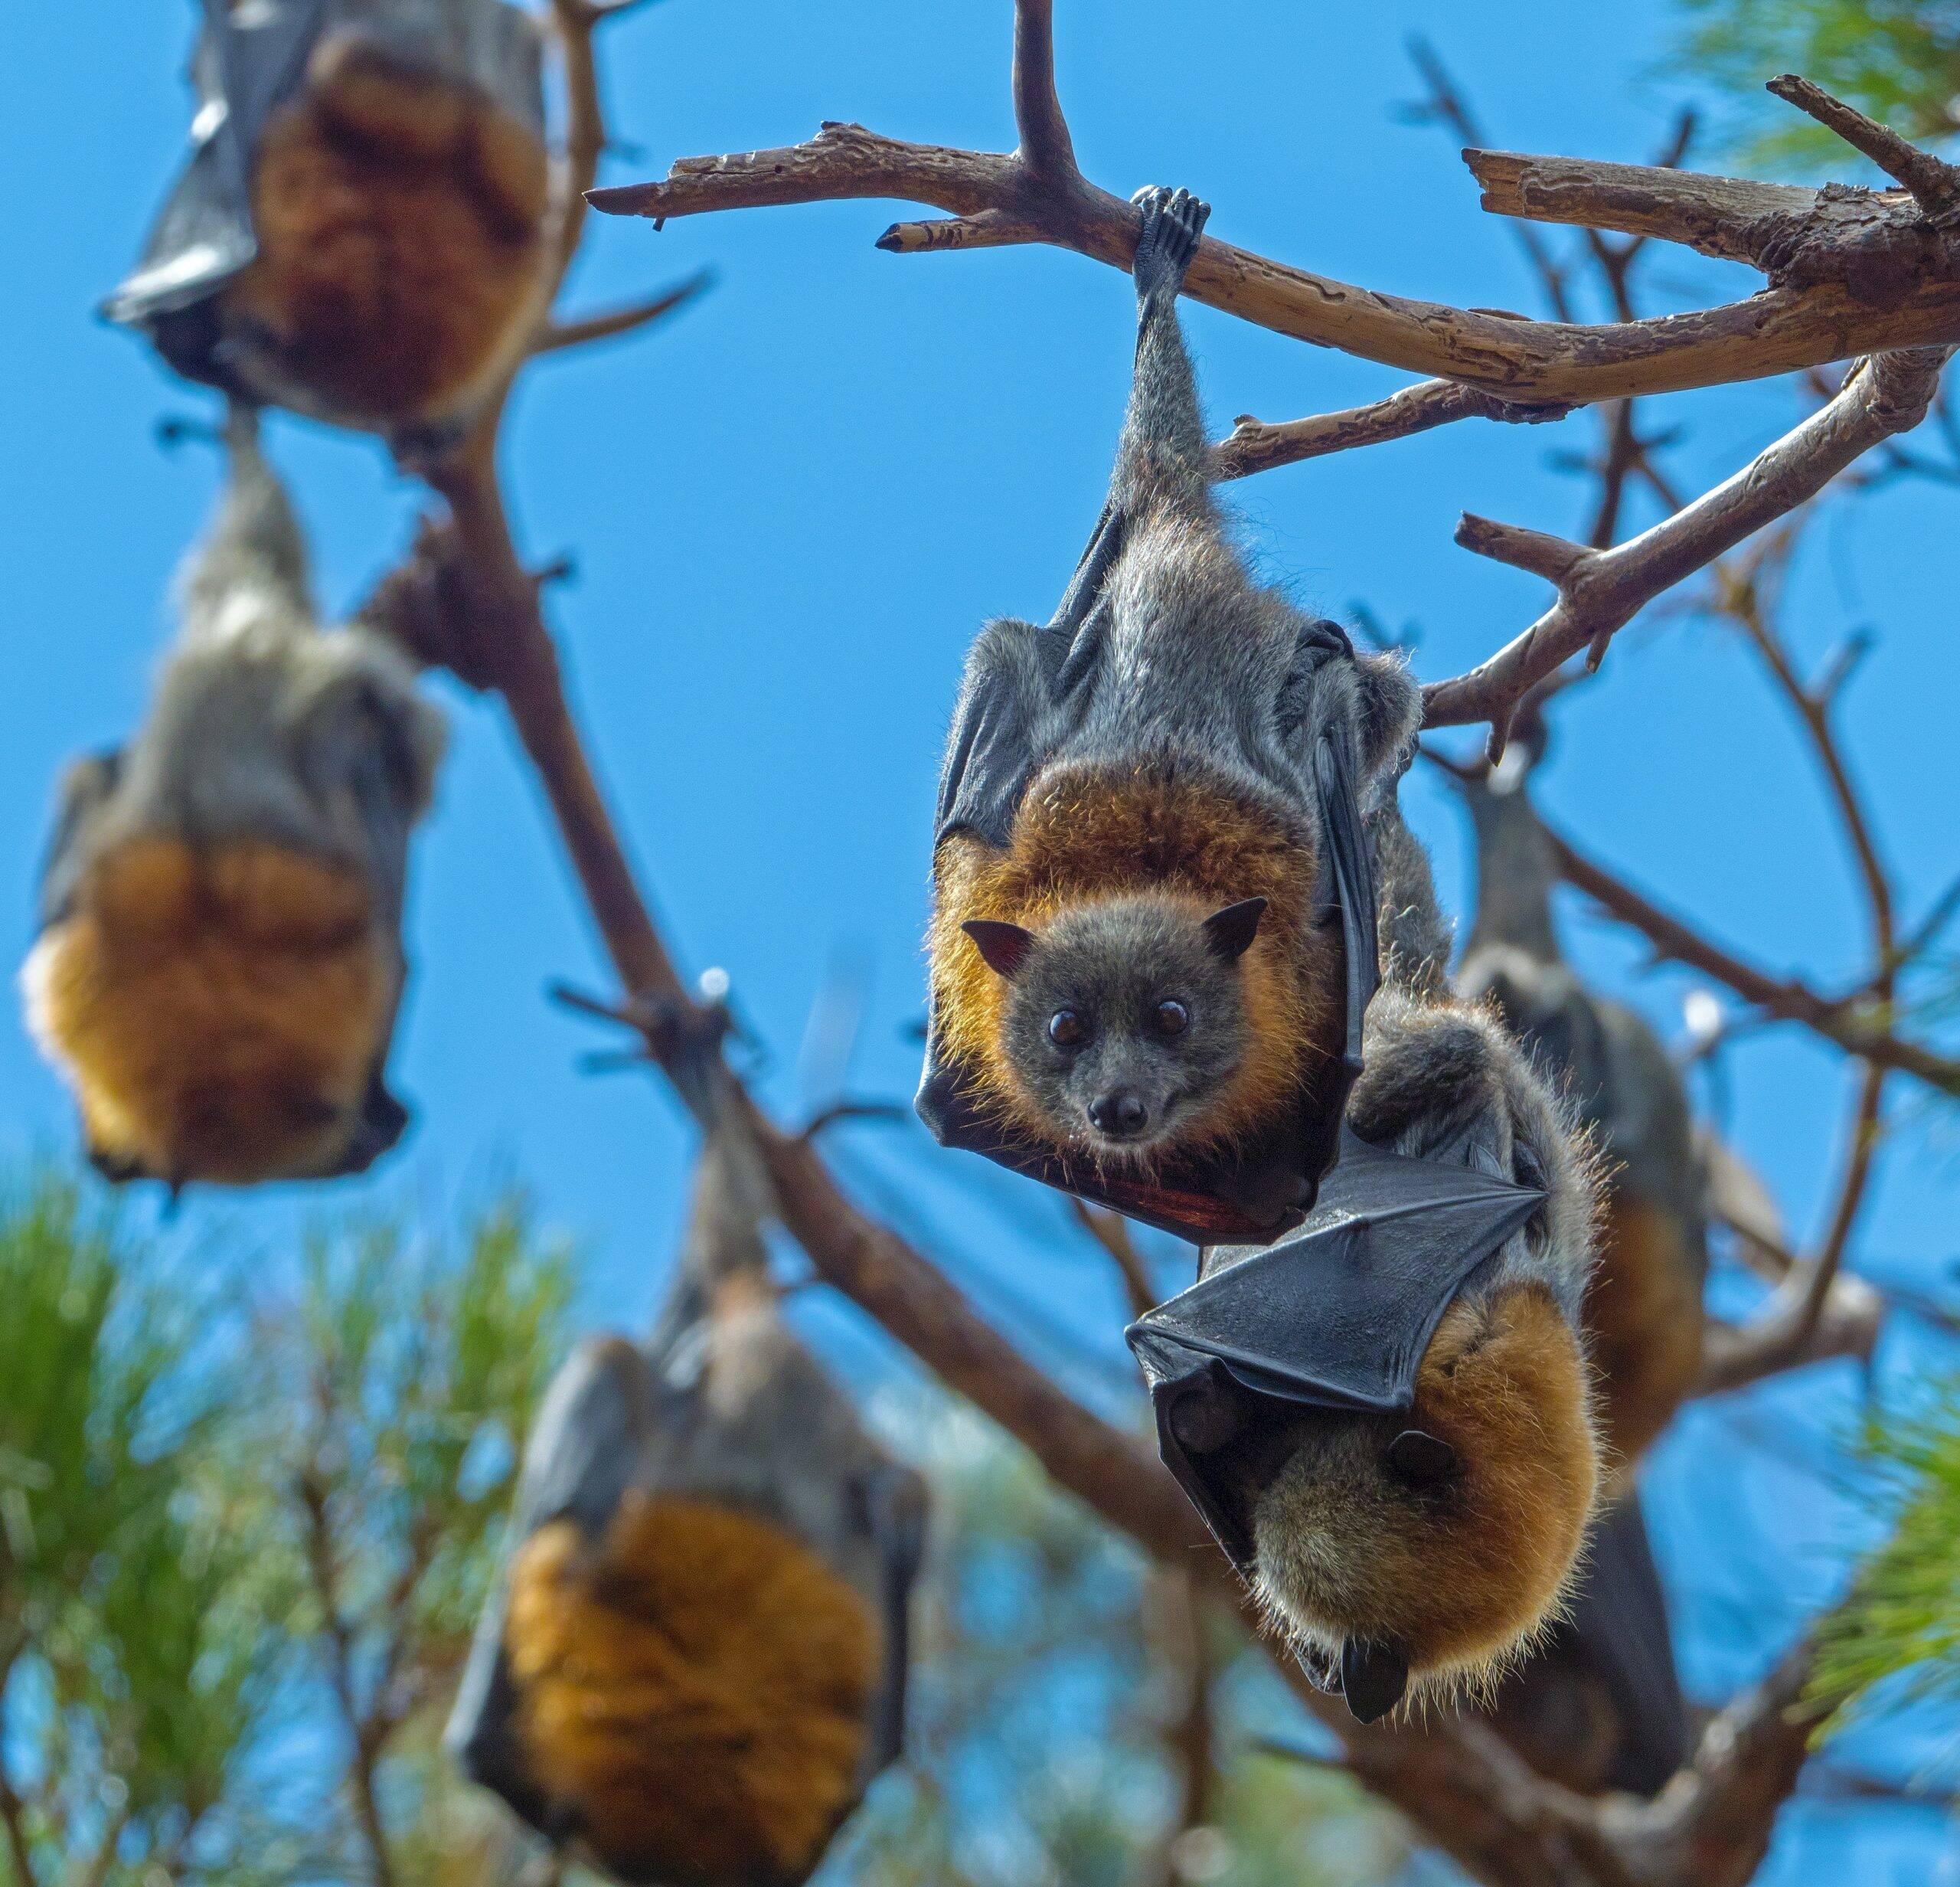 Assim como os outros, esse vírus vem de morcegos. A infecção por ele, causa uma doença fatal, tanto em humanos, quanto em cavalos. (Foto: Unsplash)